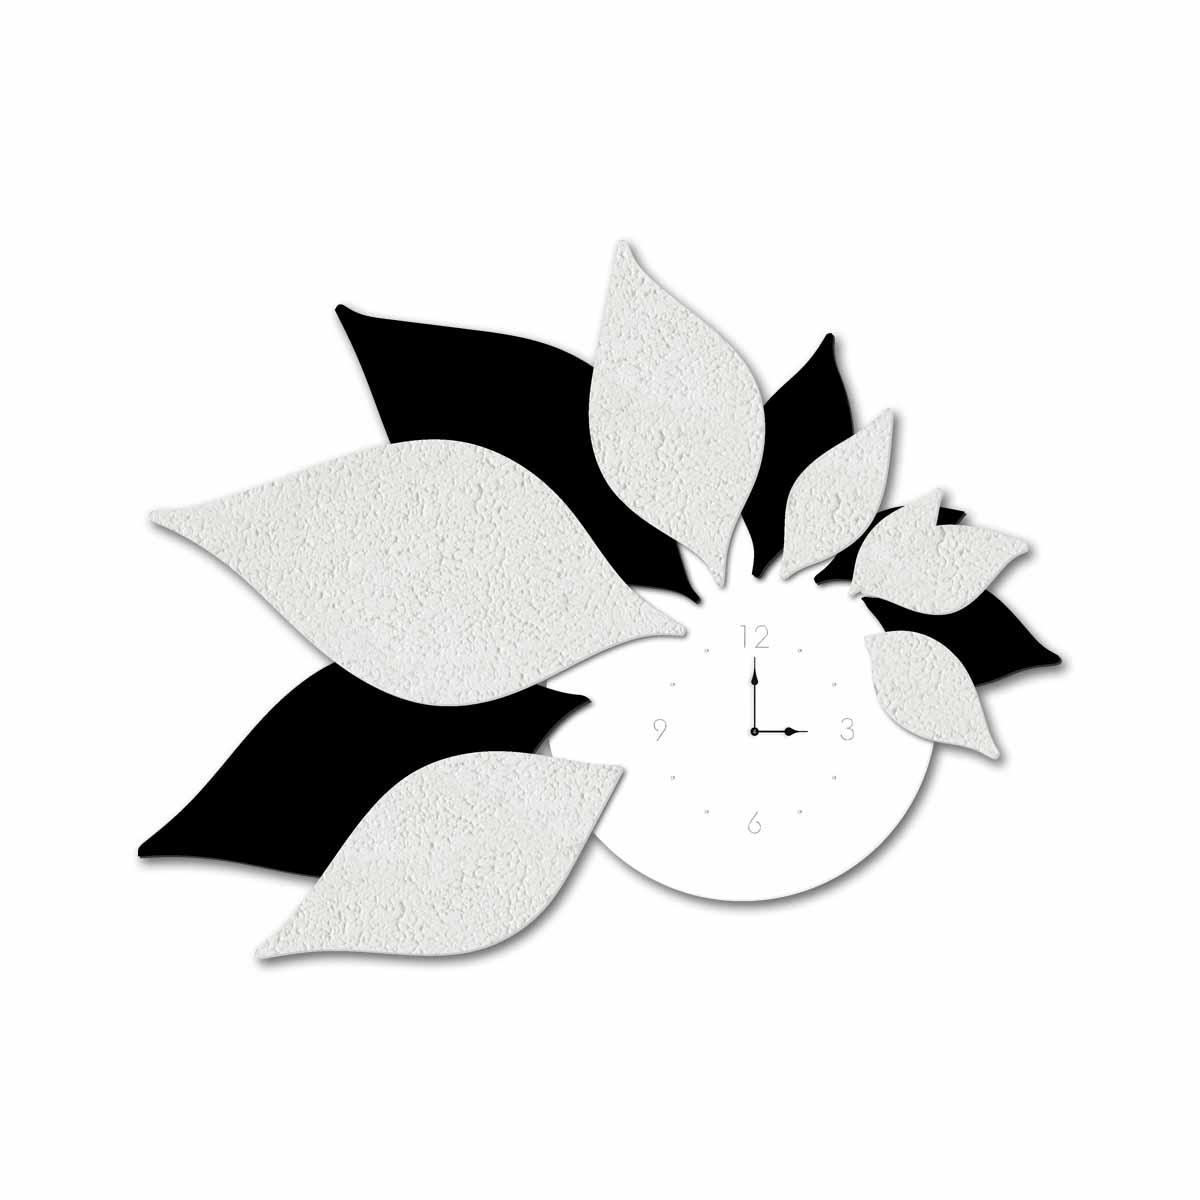 L:A:S - Laser Art Style - OROLOGIO DA PARETE DESIGN 3D SI-210 BIANCO-NERO-DECORO STUCCO BIANCO